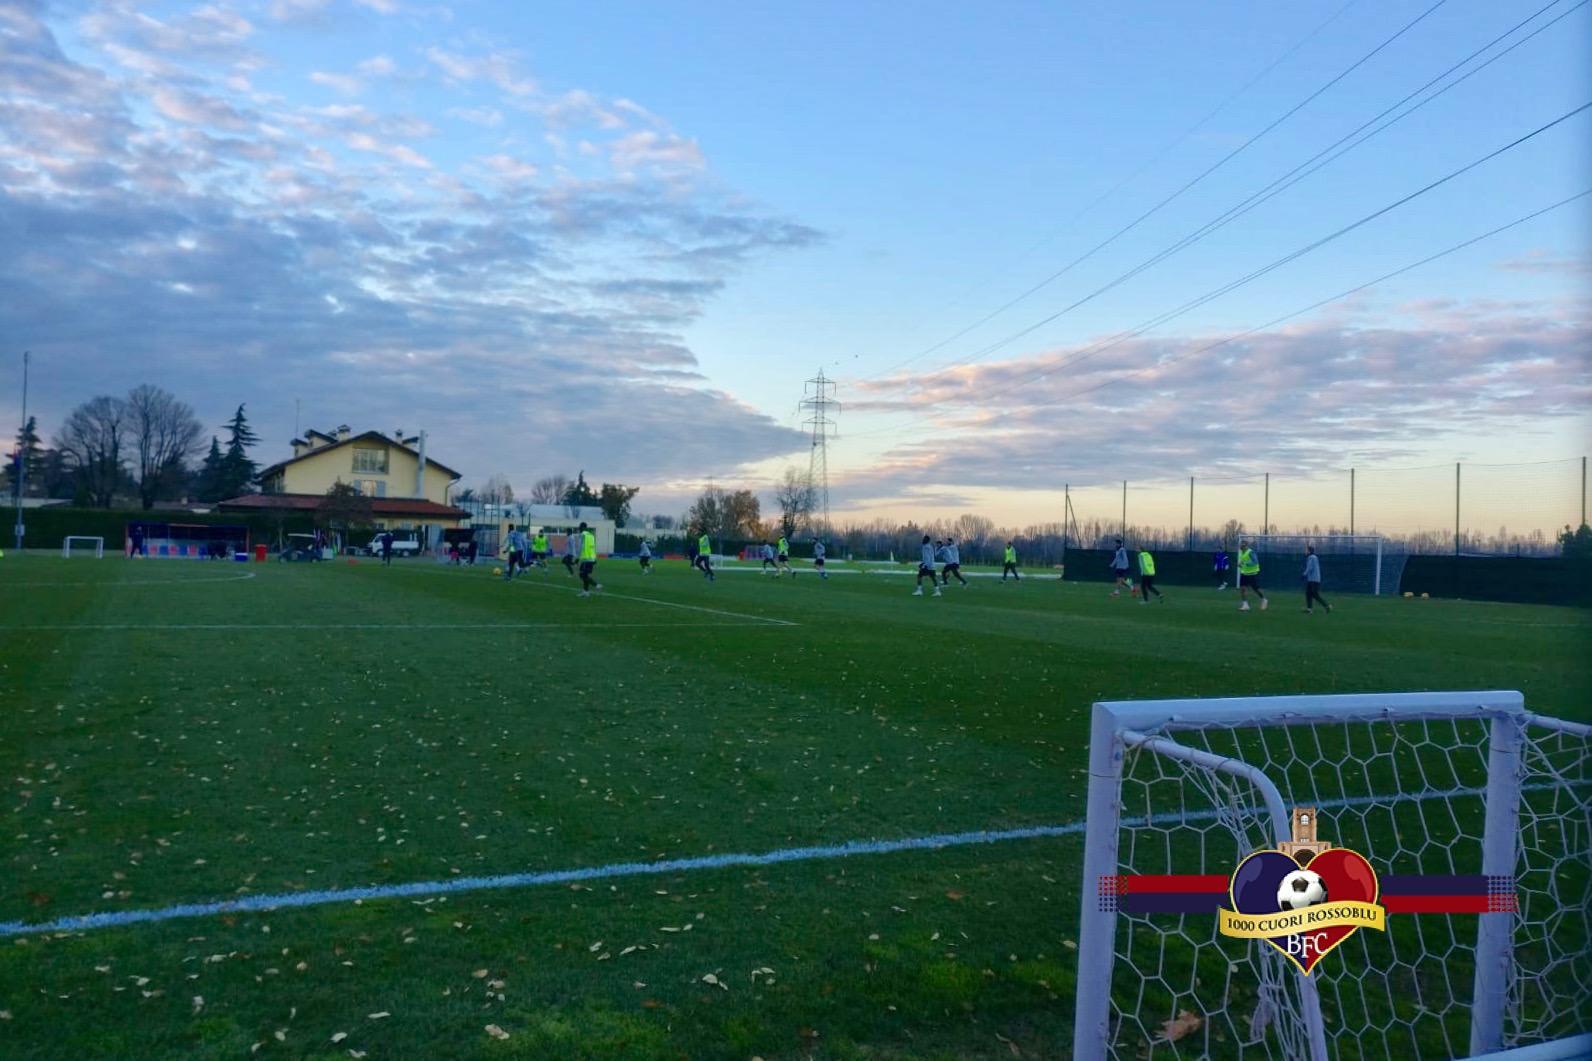 Bologna - Nessun cambio in vista da Casteldebole: 3-5-2 e partitelle pomeridiane